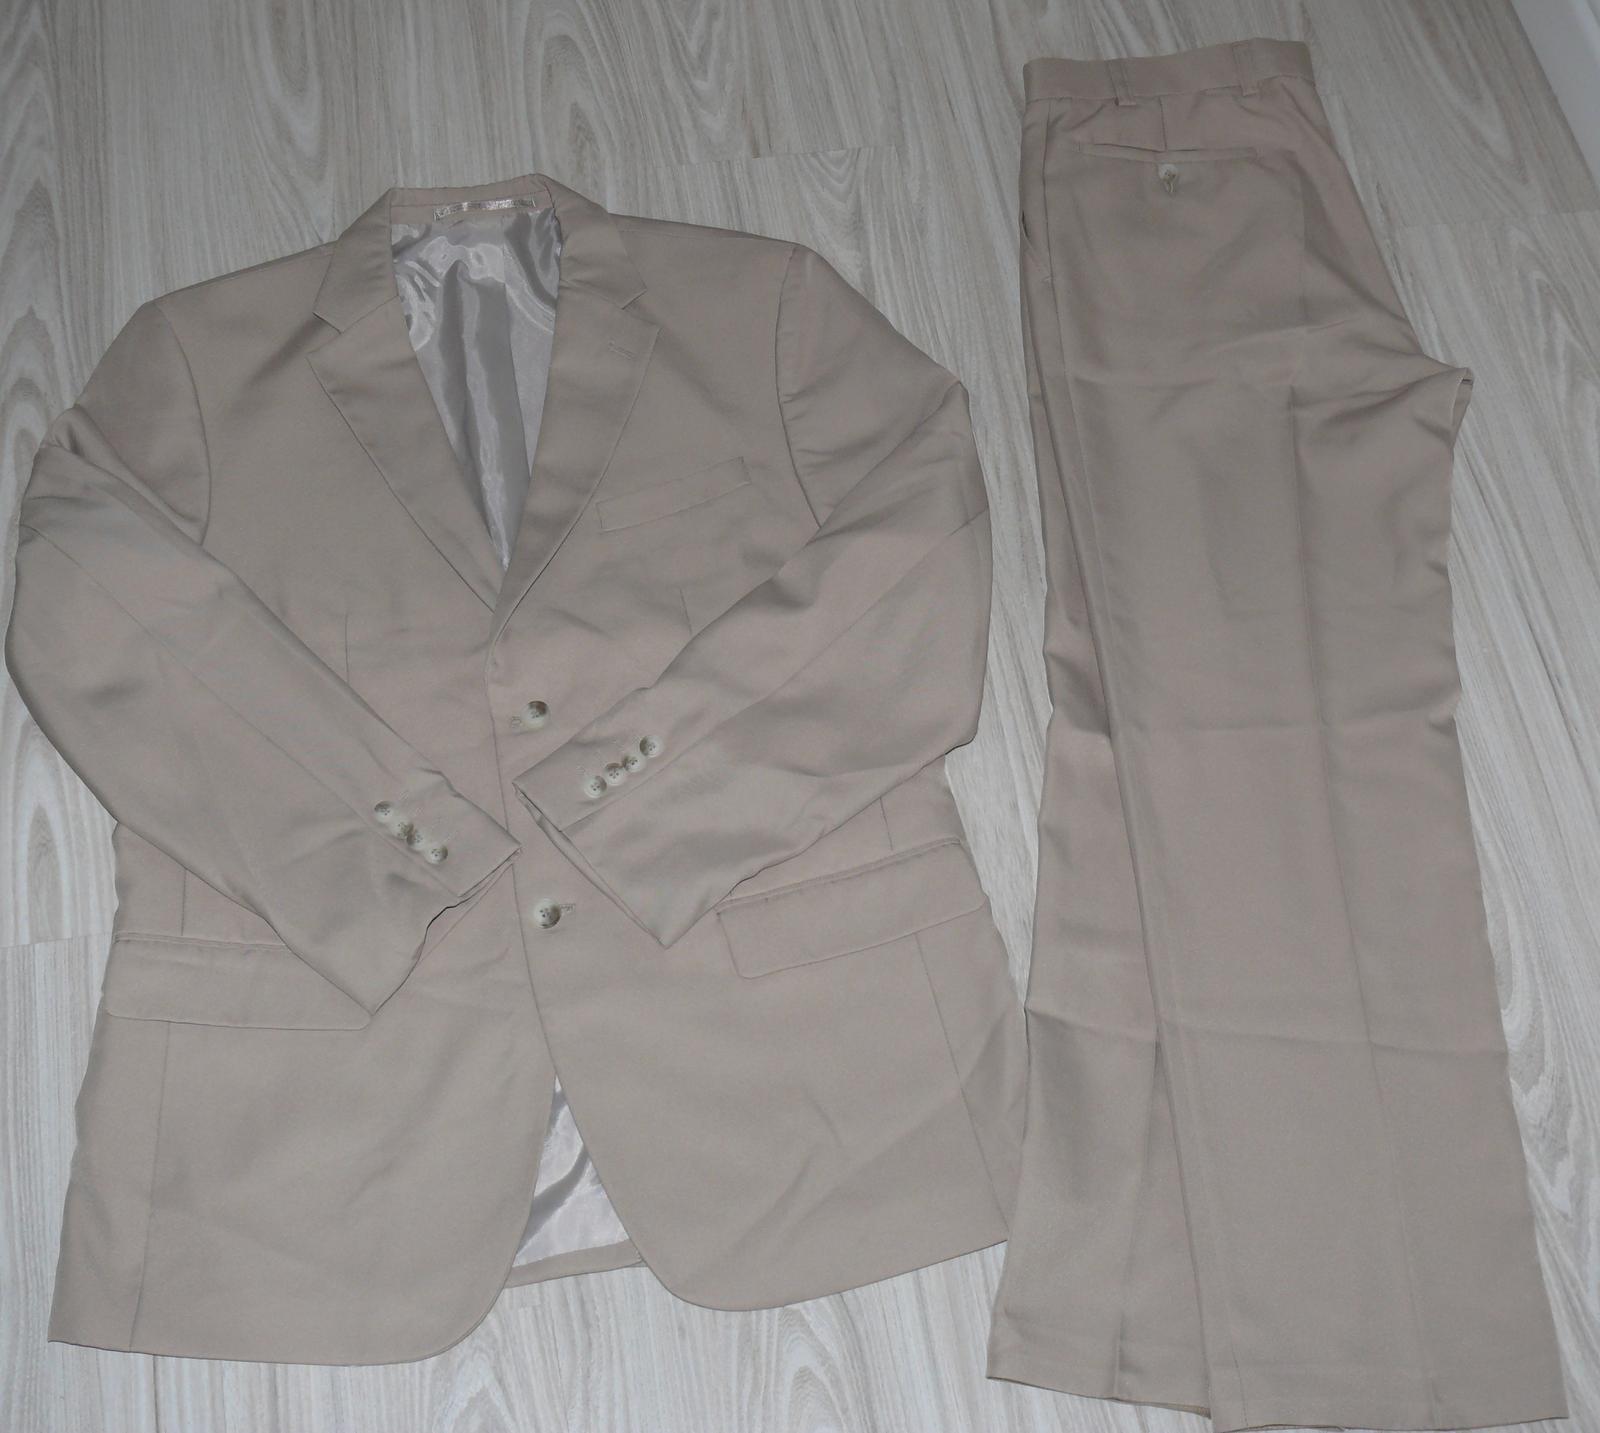 Béžovy pánsky oblek - Obrázok č. 2